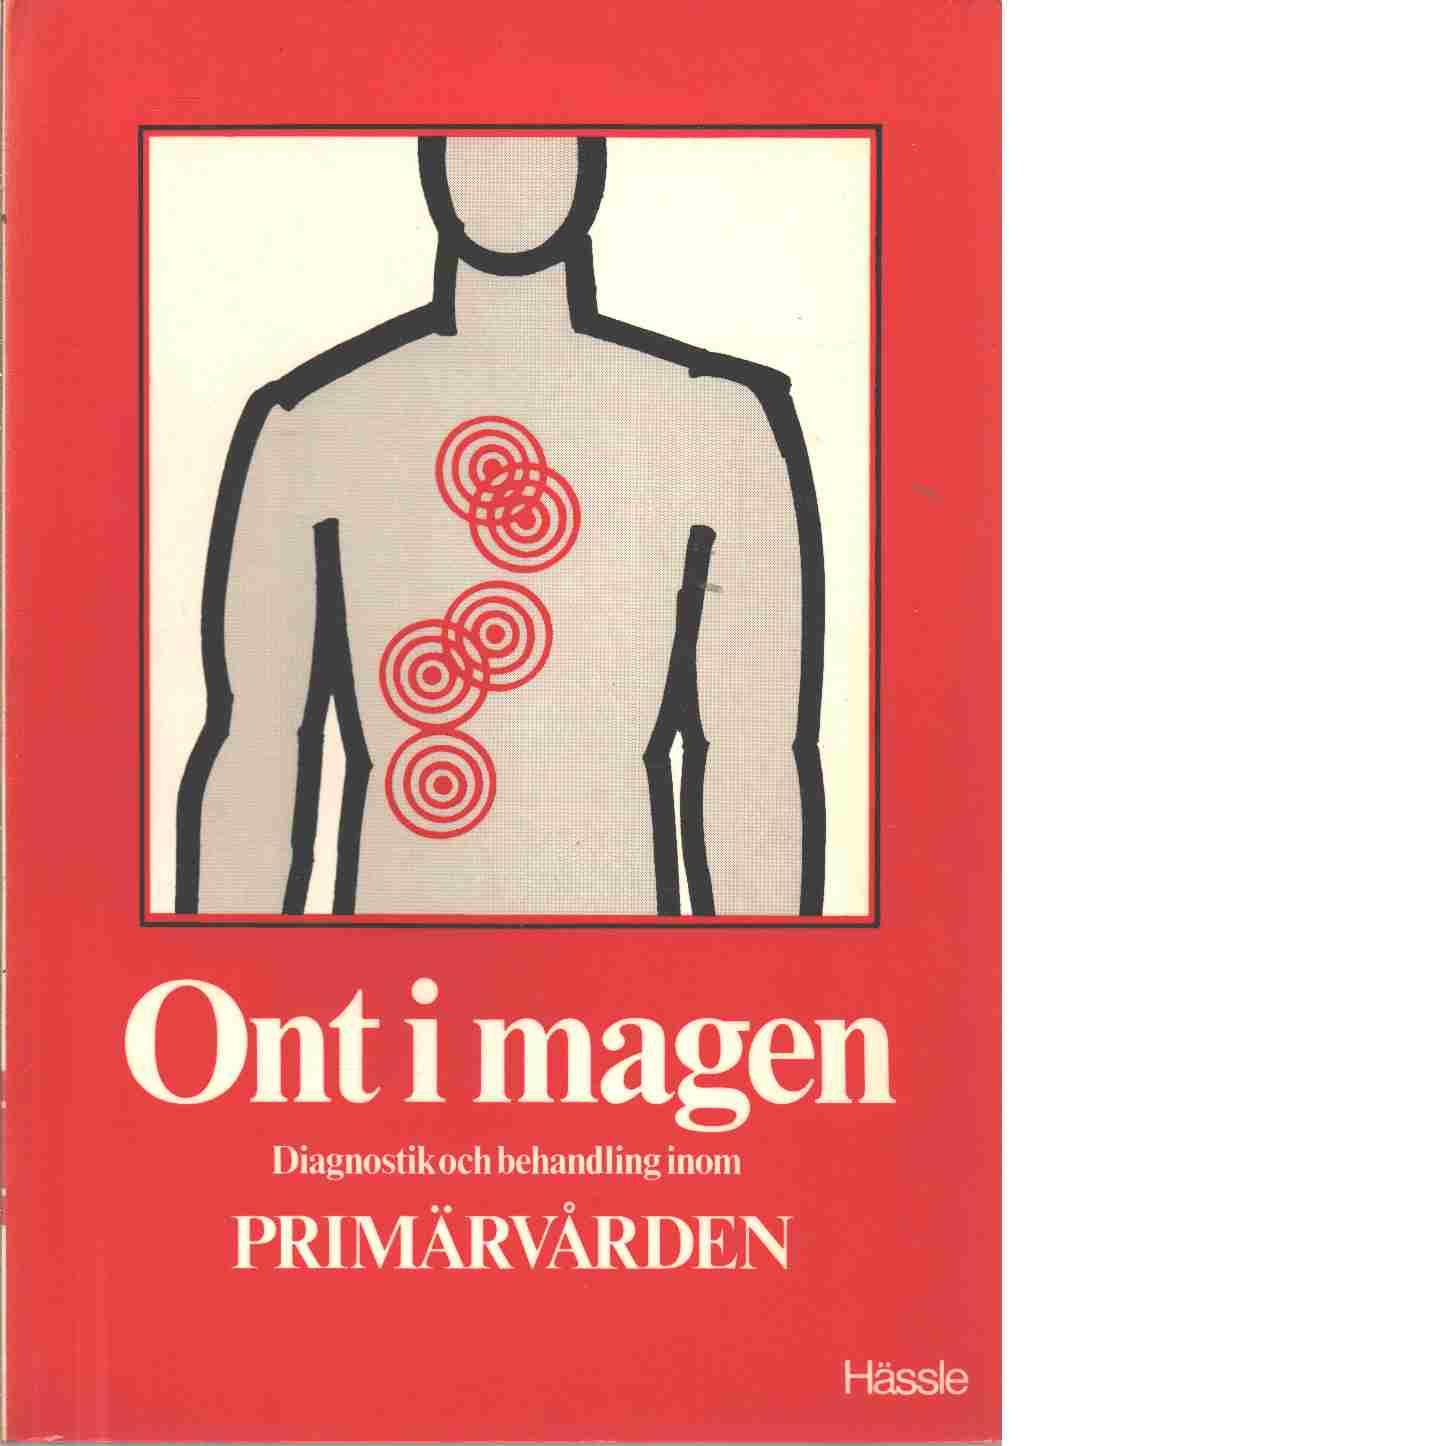 Ont i magen. Diagnostik och behandling inom primärvården - Red. Abrahamsson, Hasse